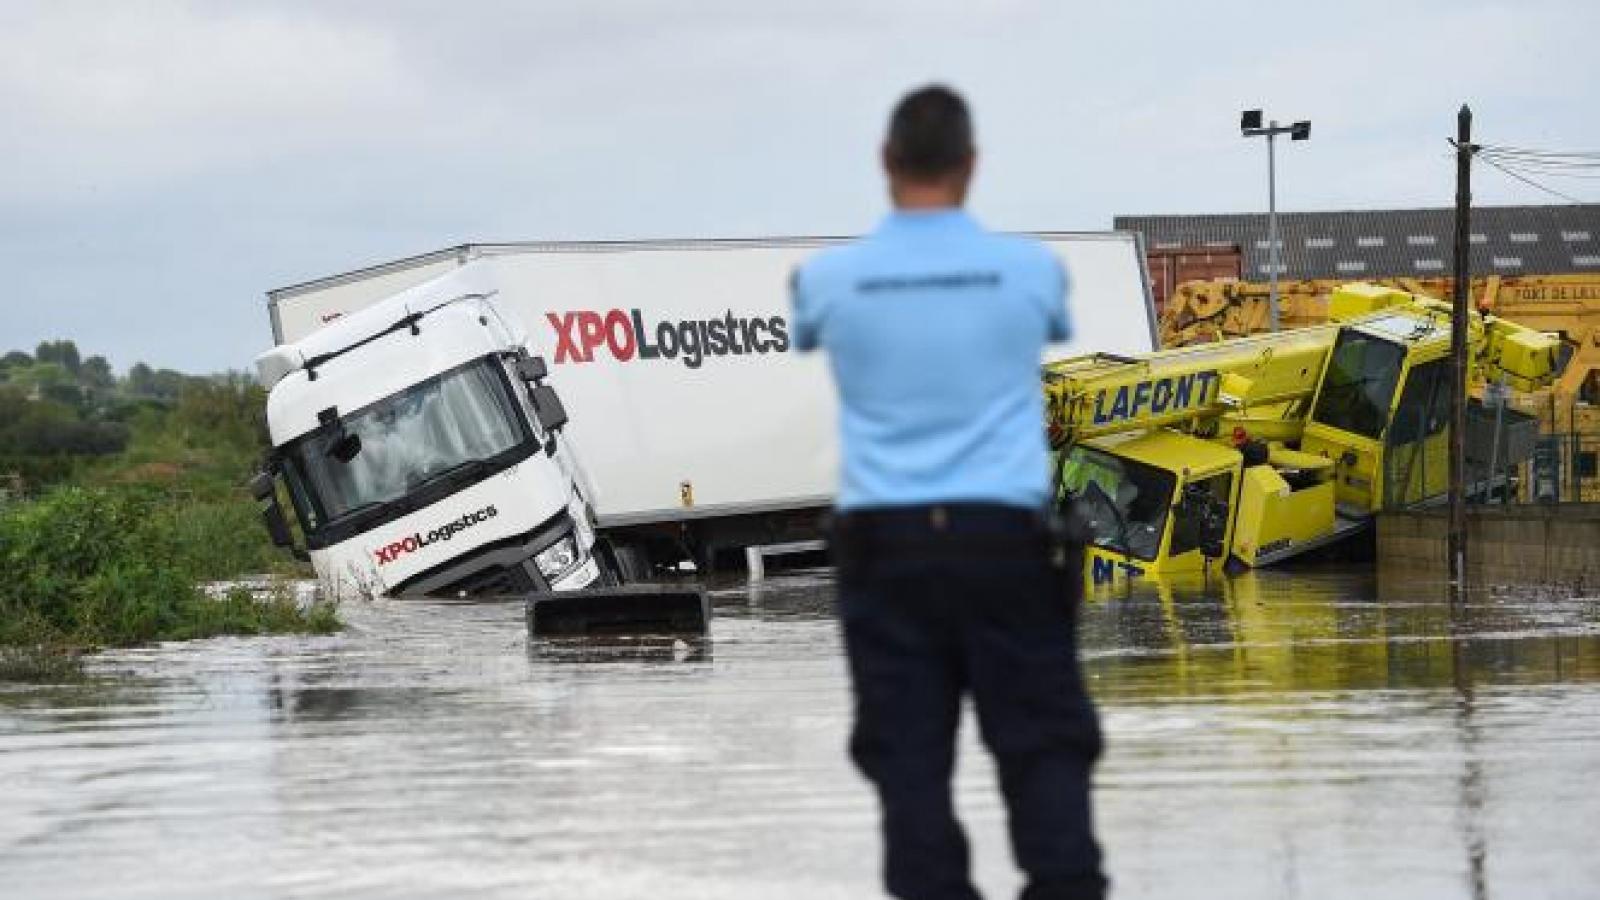 Pháp ban bố tình trạng thảm họa tự nhiên ở miền Nam vì lũ lụt